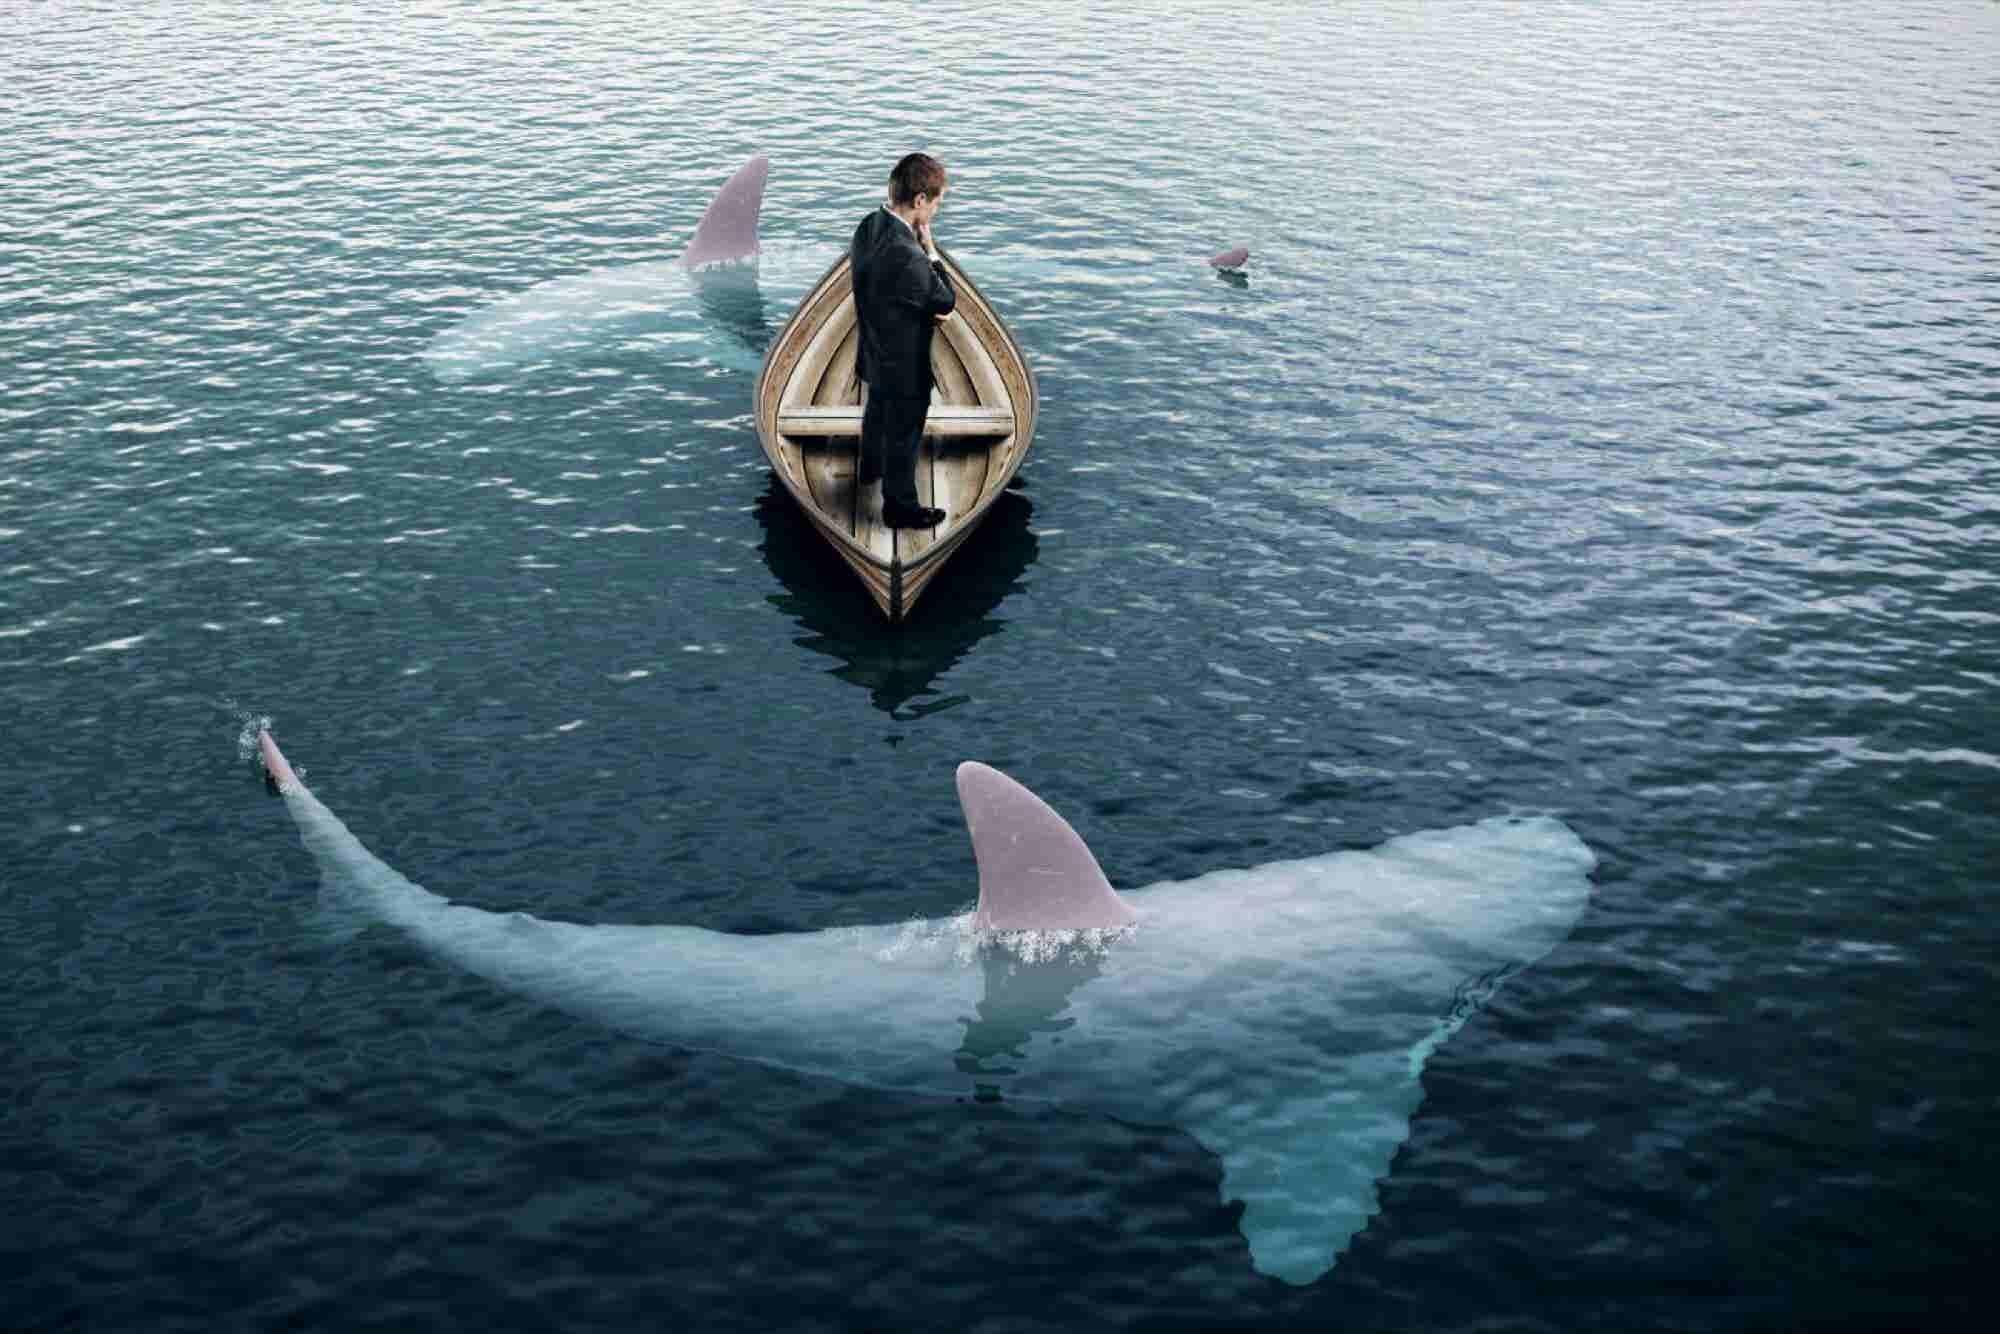 El emprendedor que 'subió al barco' de su startup a los 'tiburones' de...